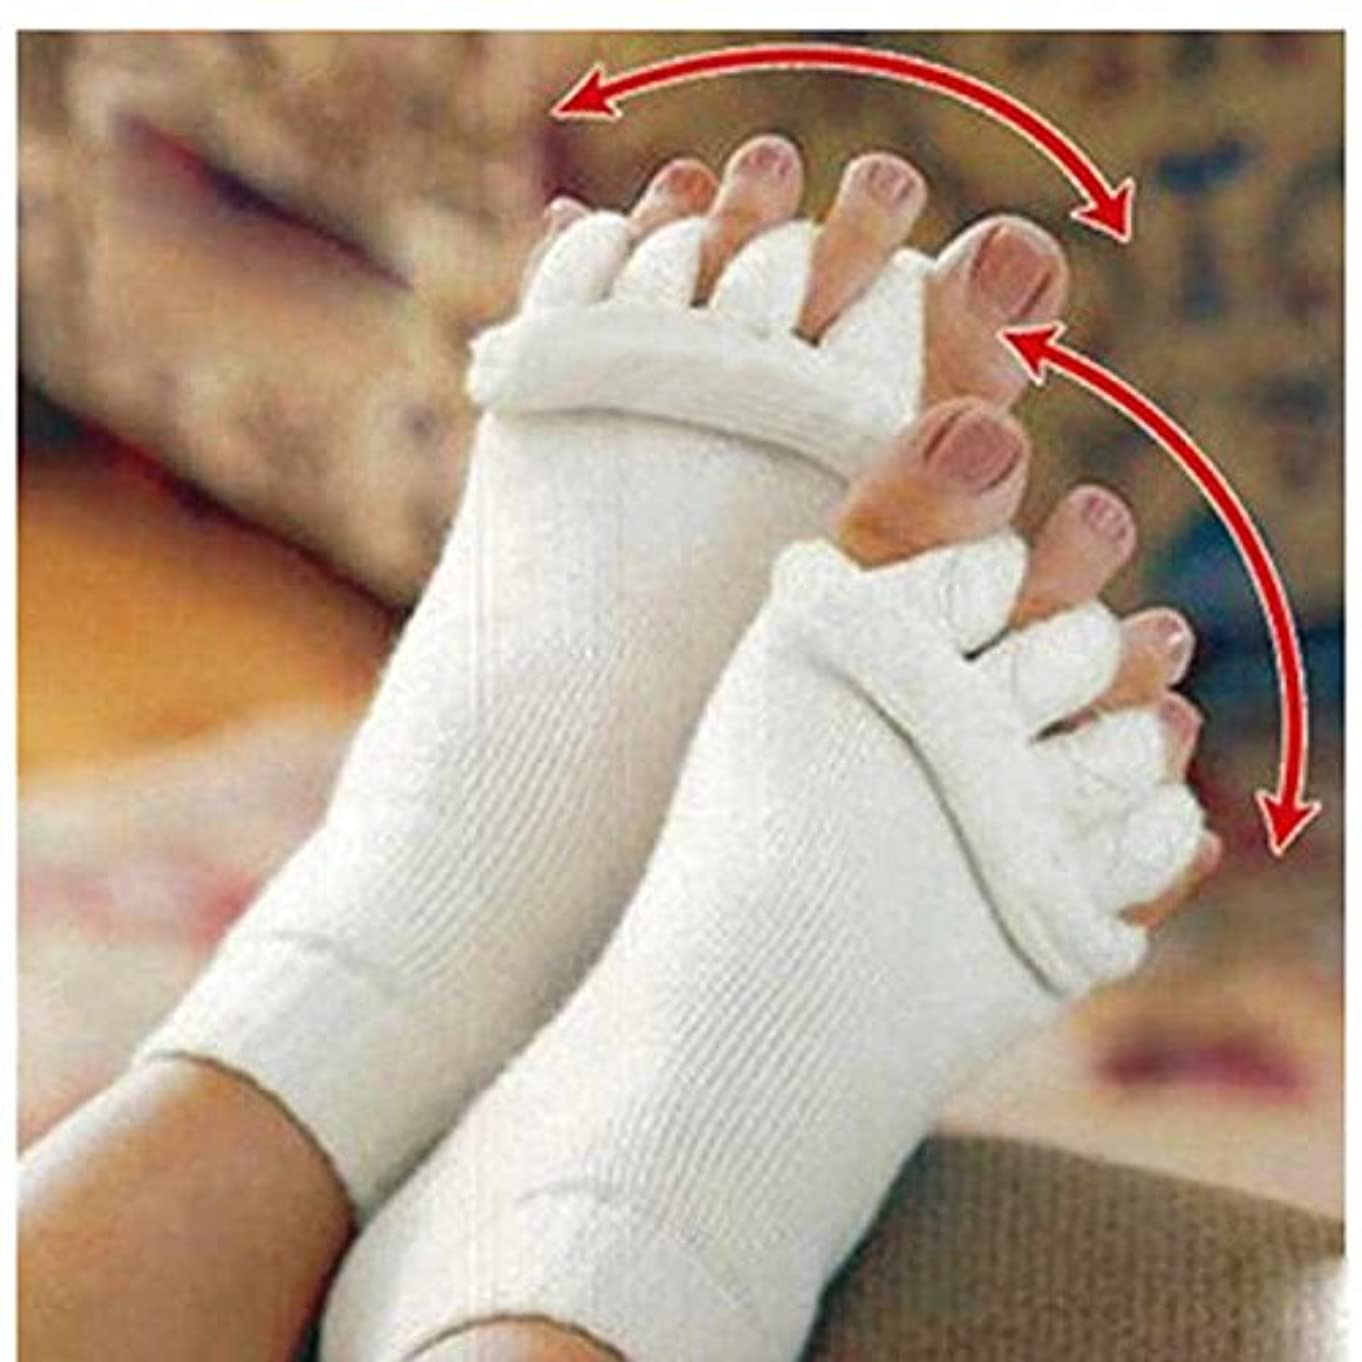 チョコレートマージン分岐するLorny(TM) 2個マッサージファイブつま先ソックス指セパレーター骨の親指女性ソックスのためにコレクターの痛みを軽減するソックスペディキュア足セパレーターについて